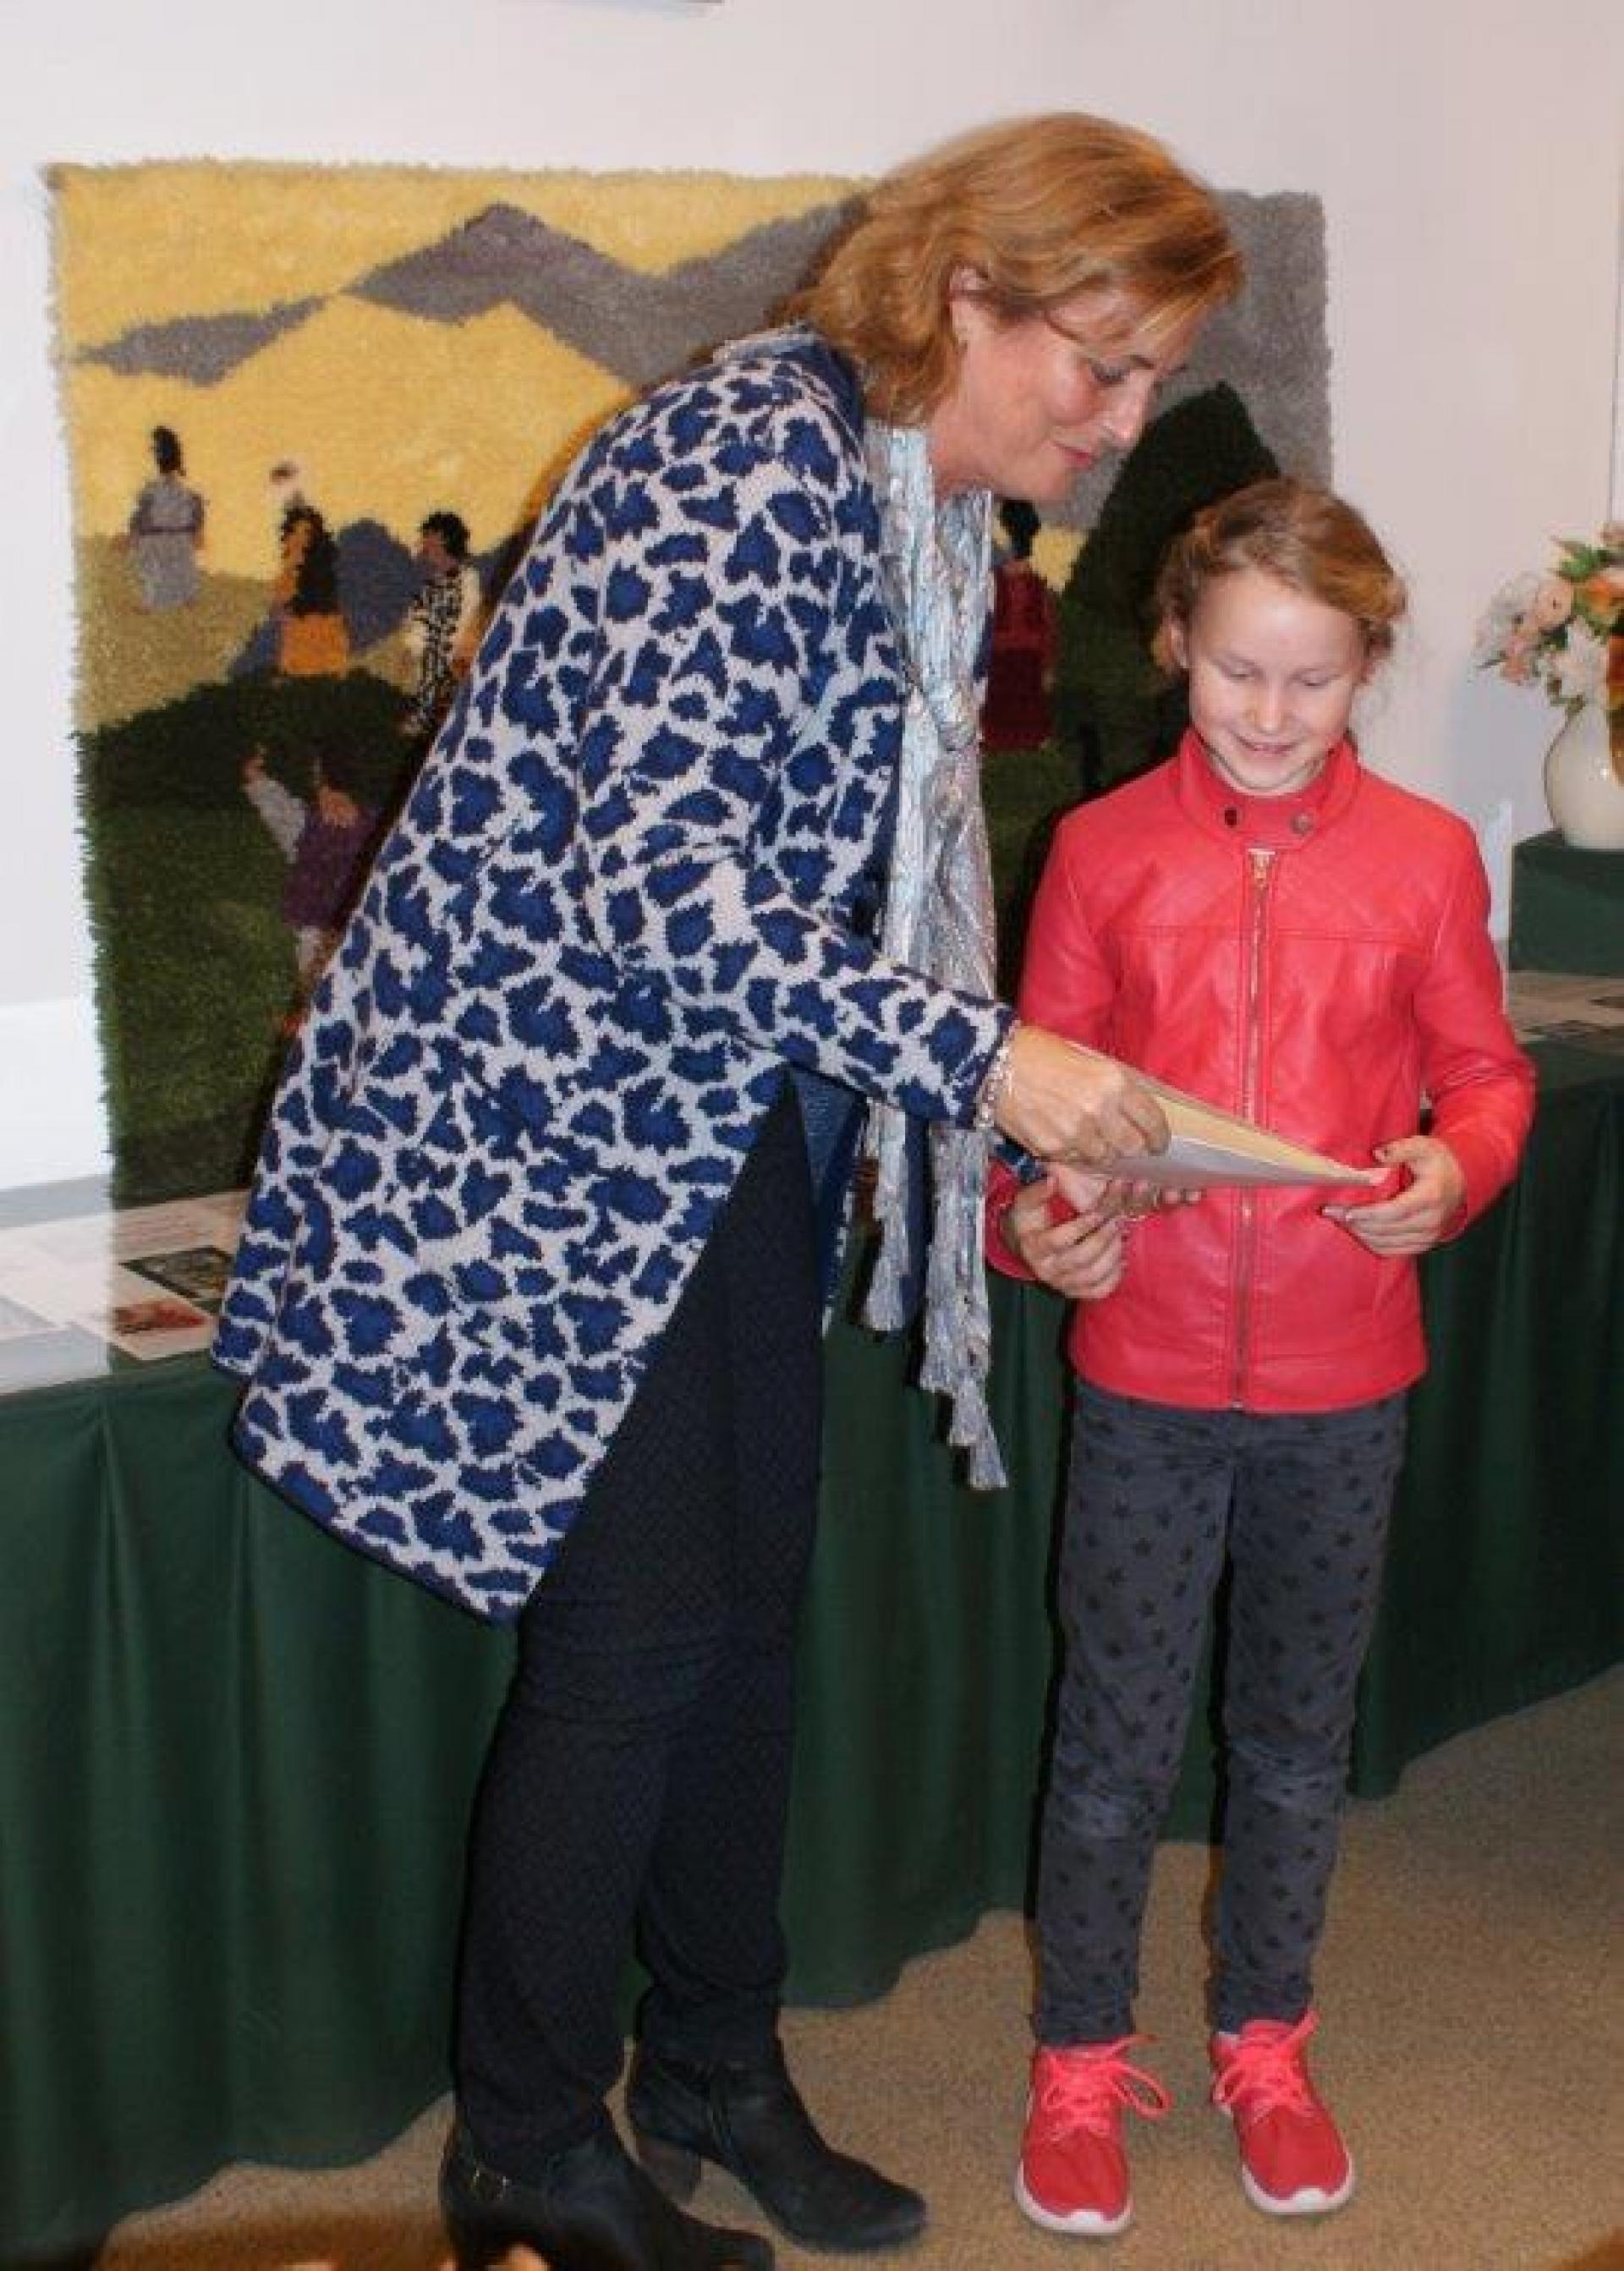 Lykke is winnaar kleurwedstrijd Oudshoornse Kerk